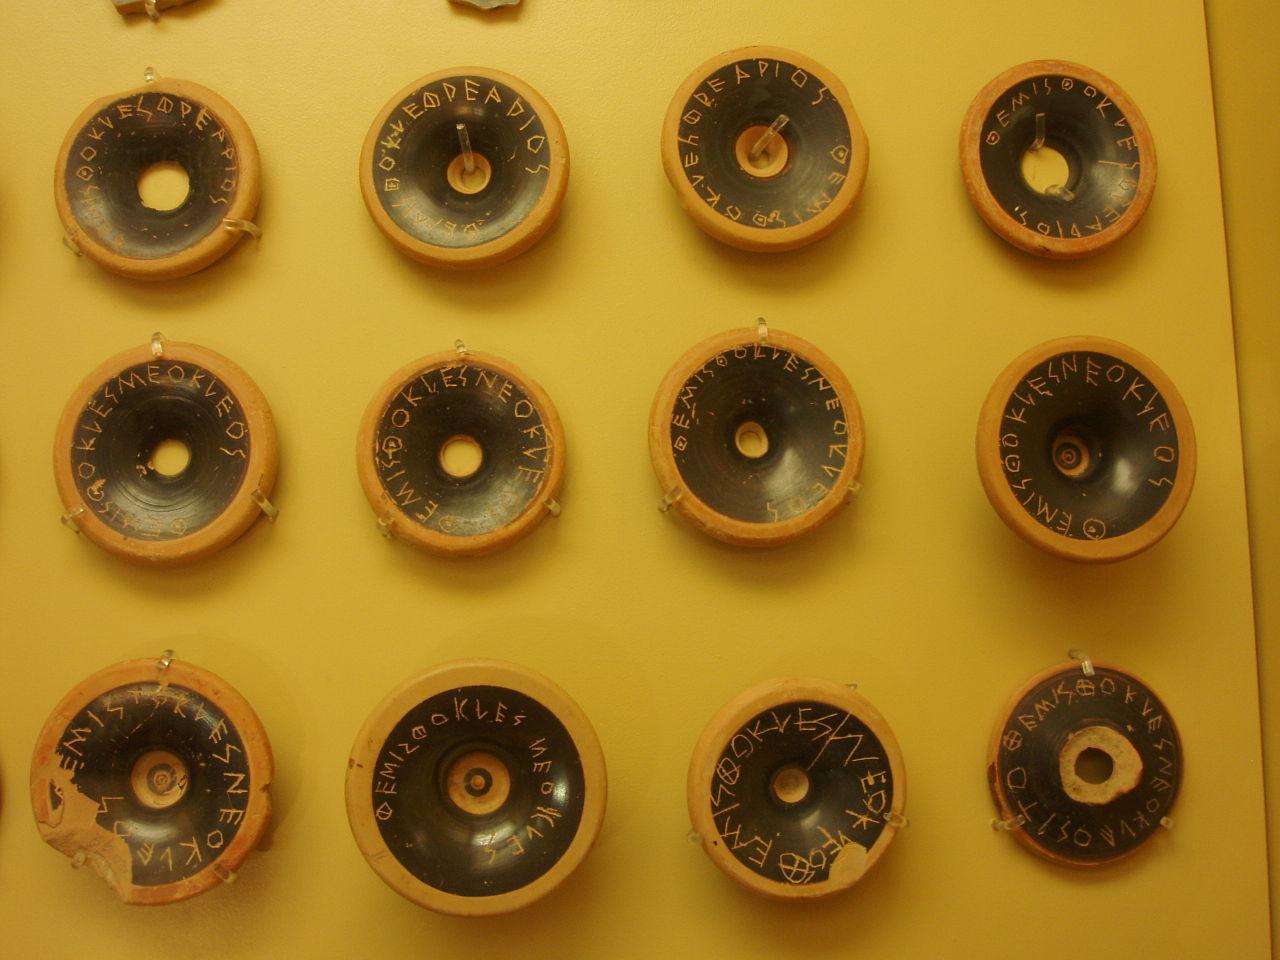 Ostrakas usadas para ostraquizar a Temístocles